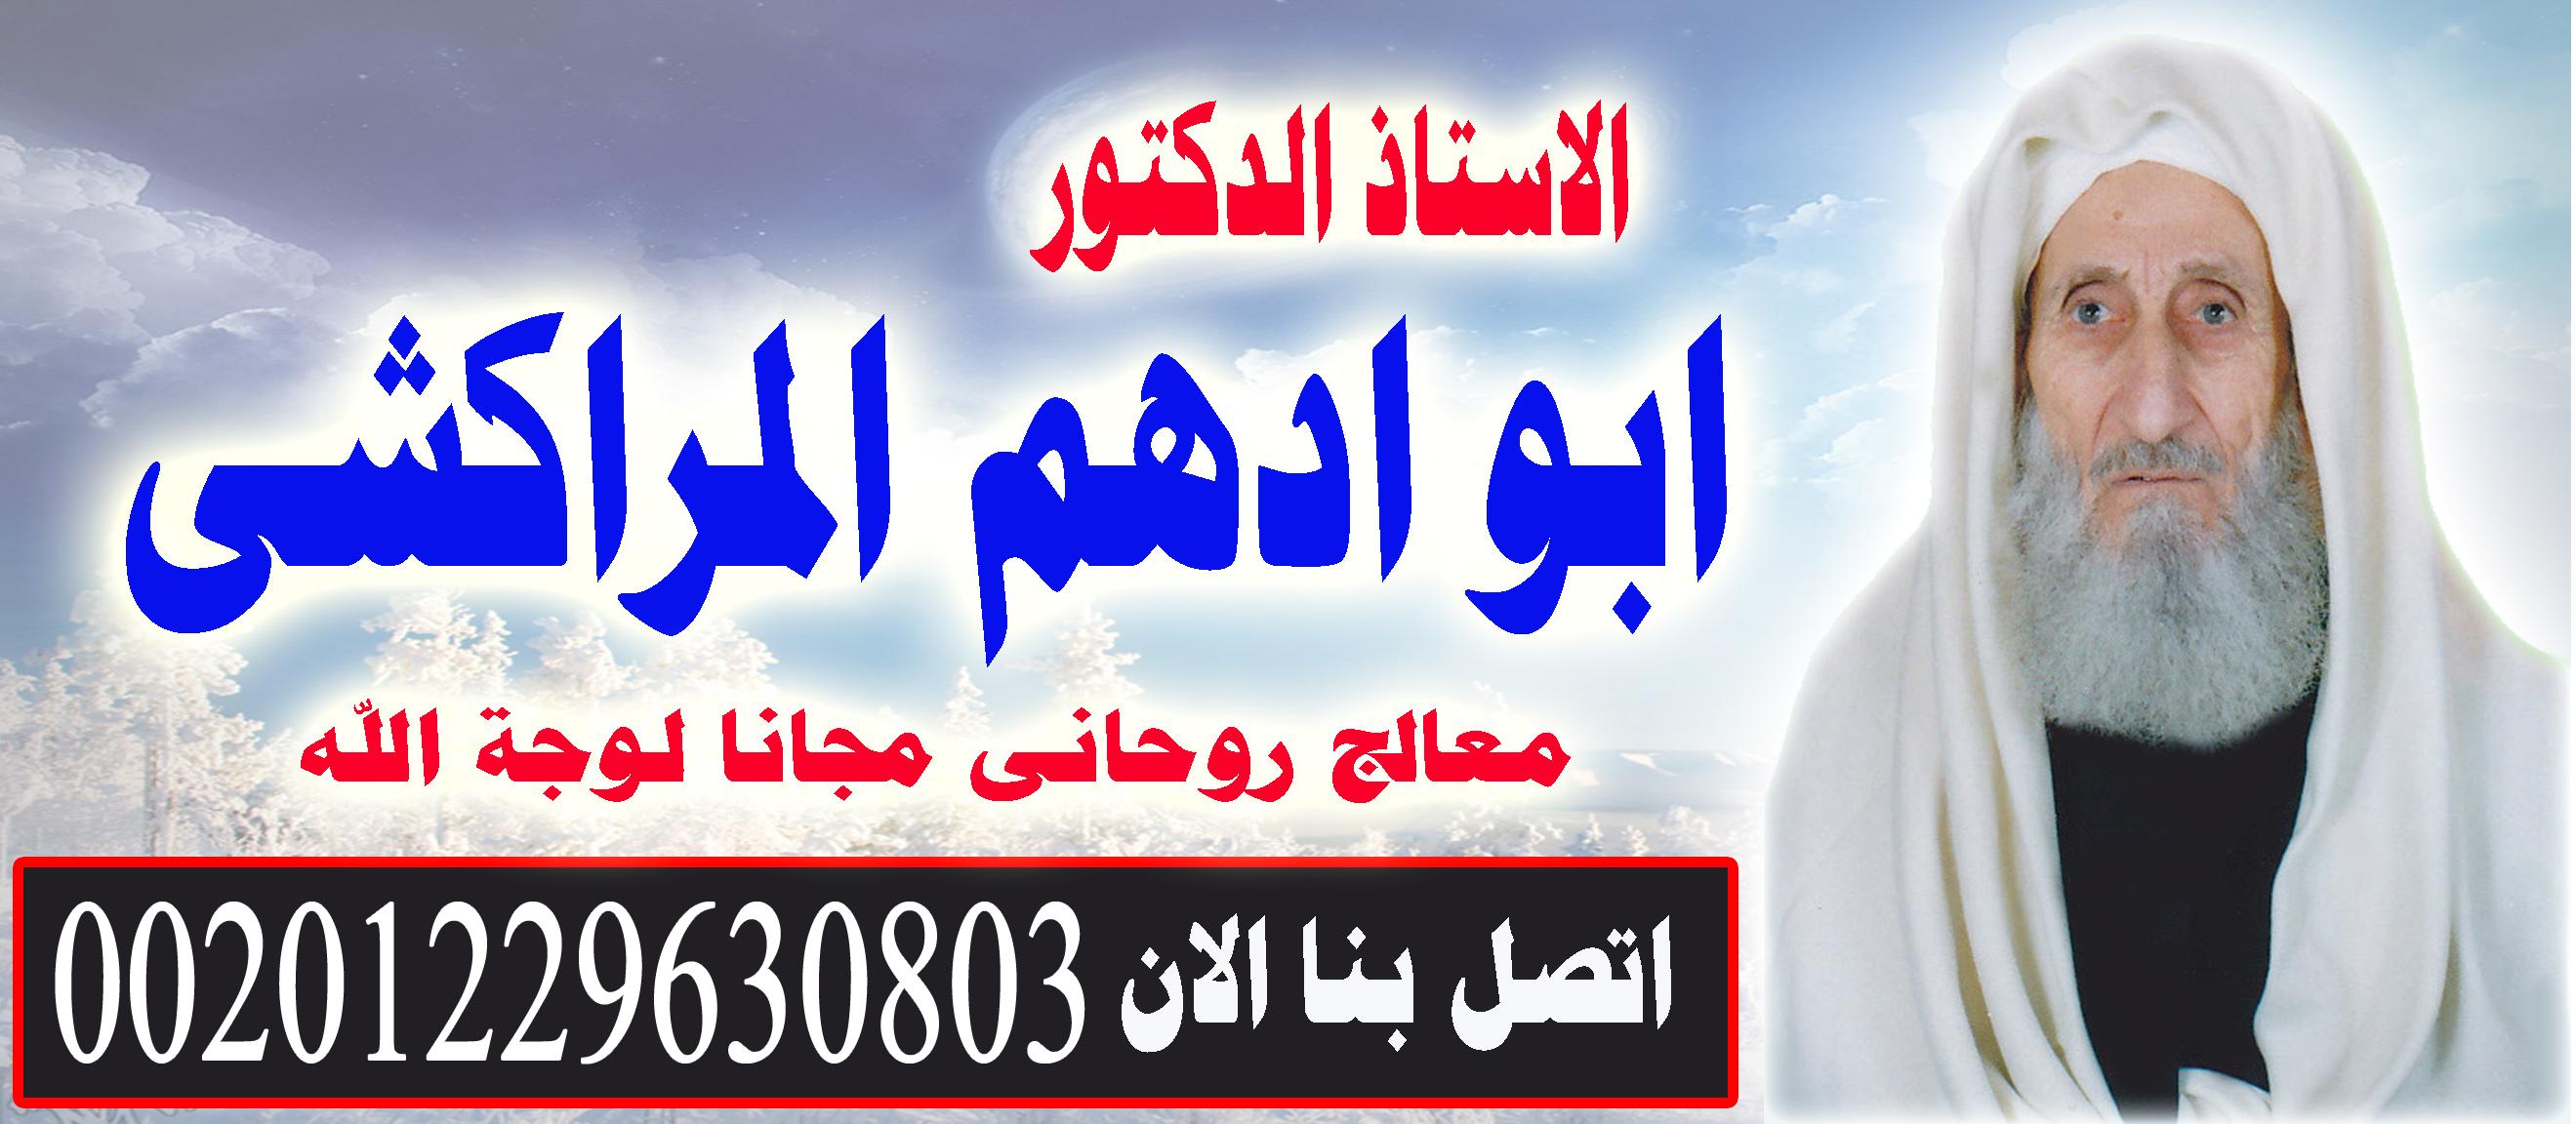 الشيخ روحاني المشاكل الحبيب 00201229630803 p_16679oazu1.png